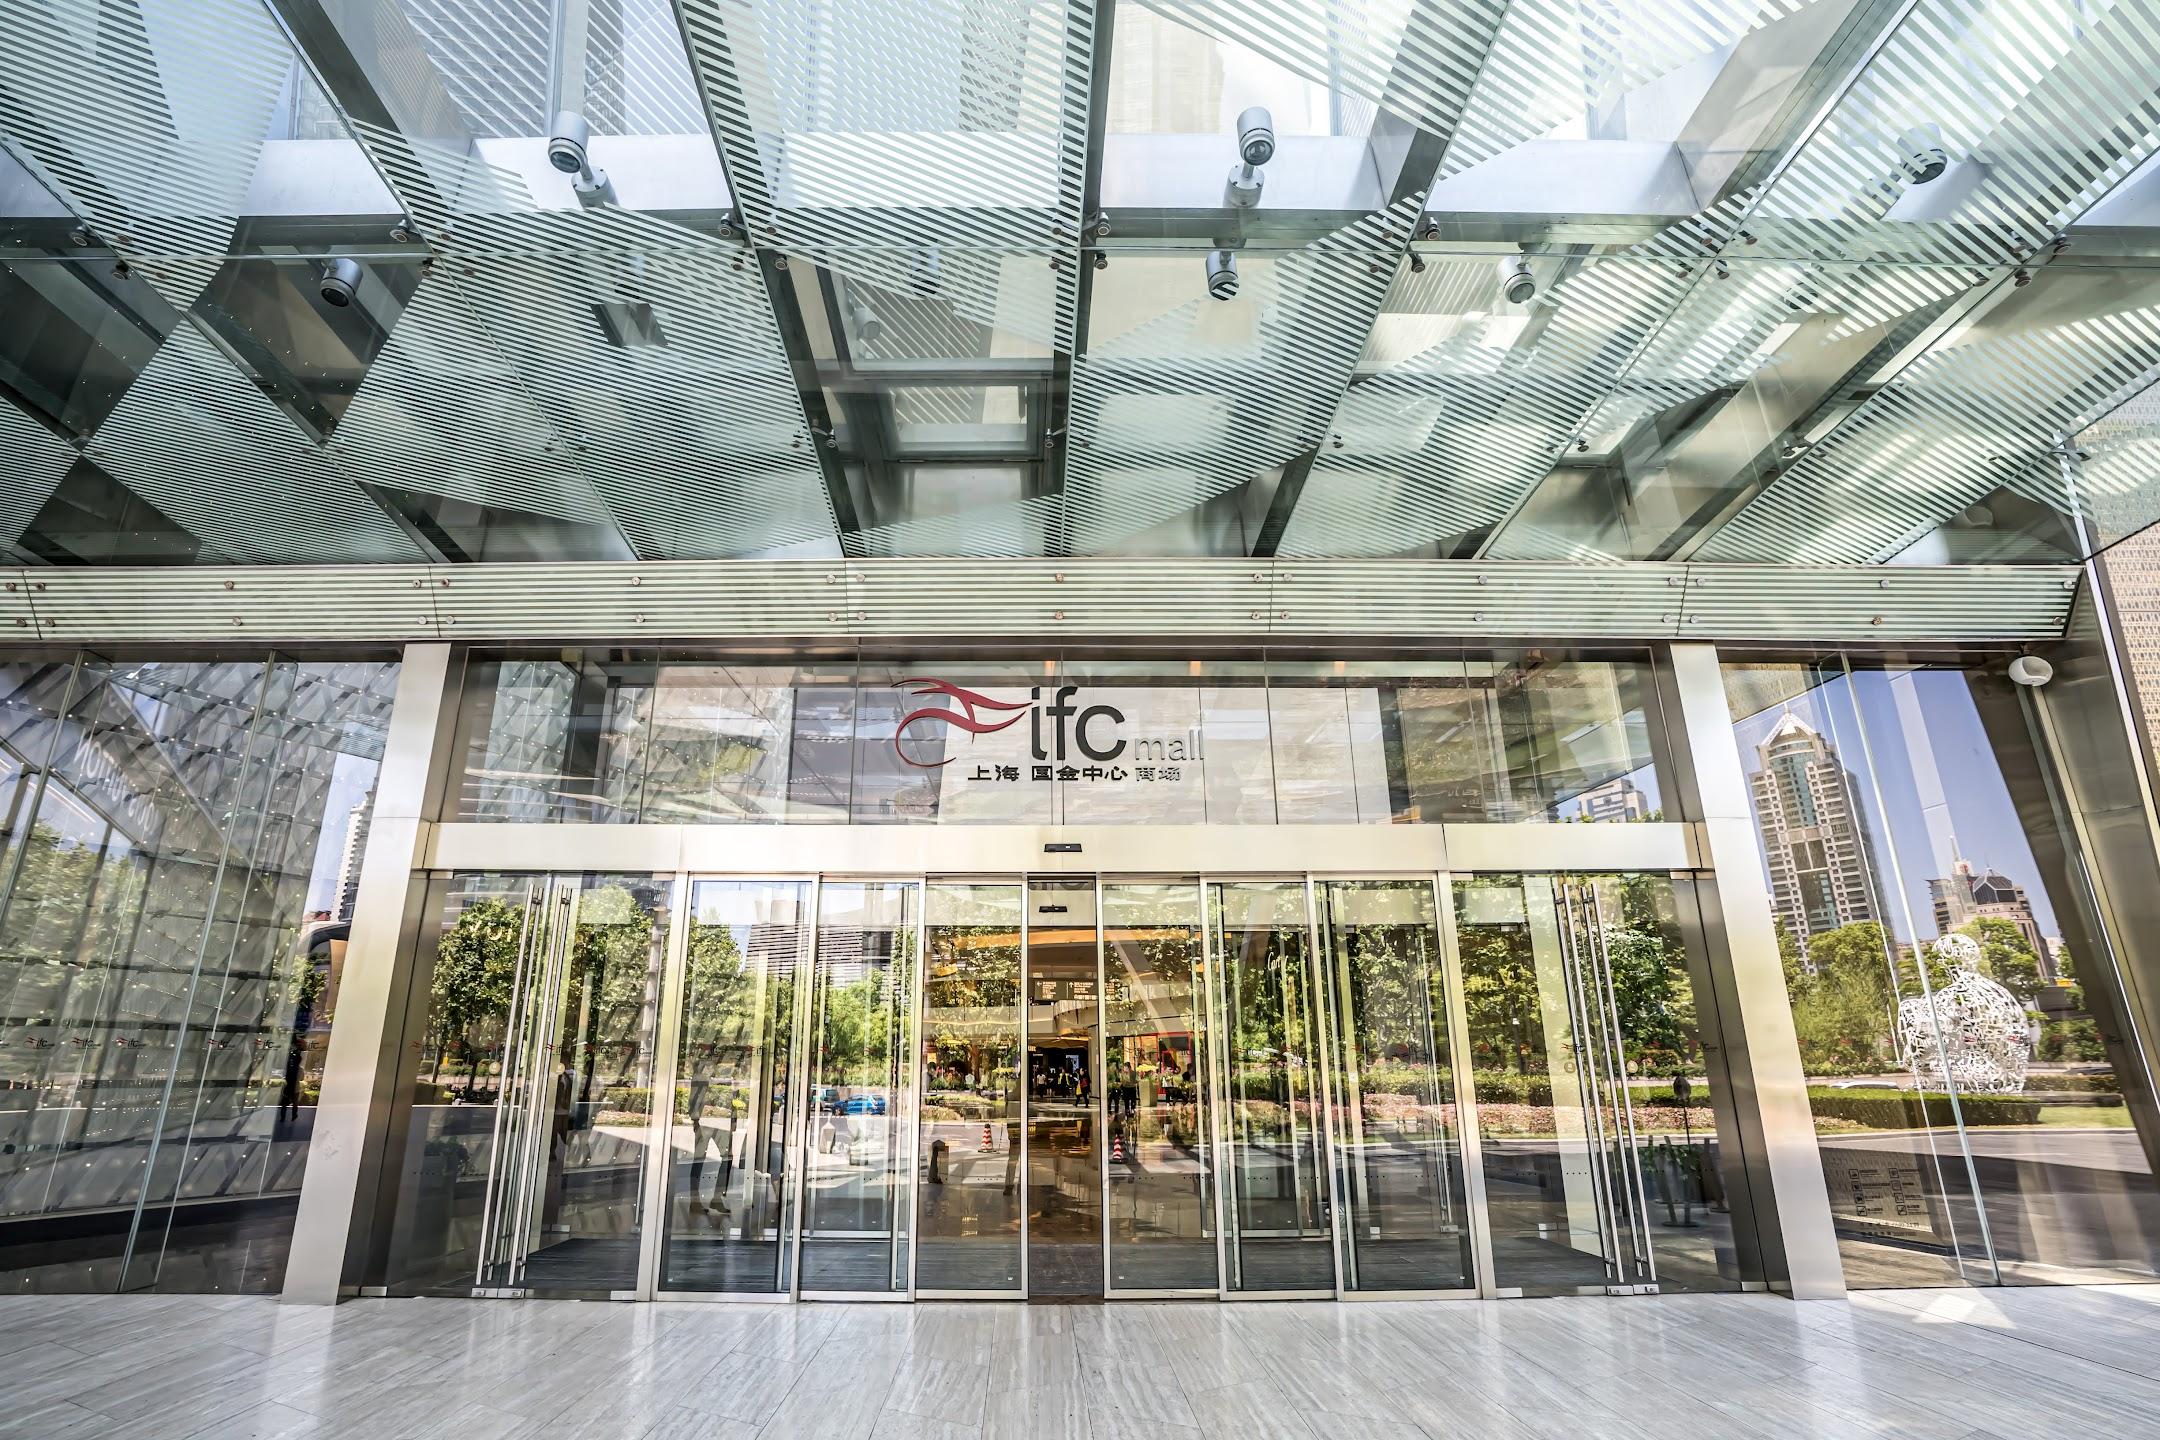 上海 ifc Mall1